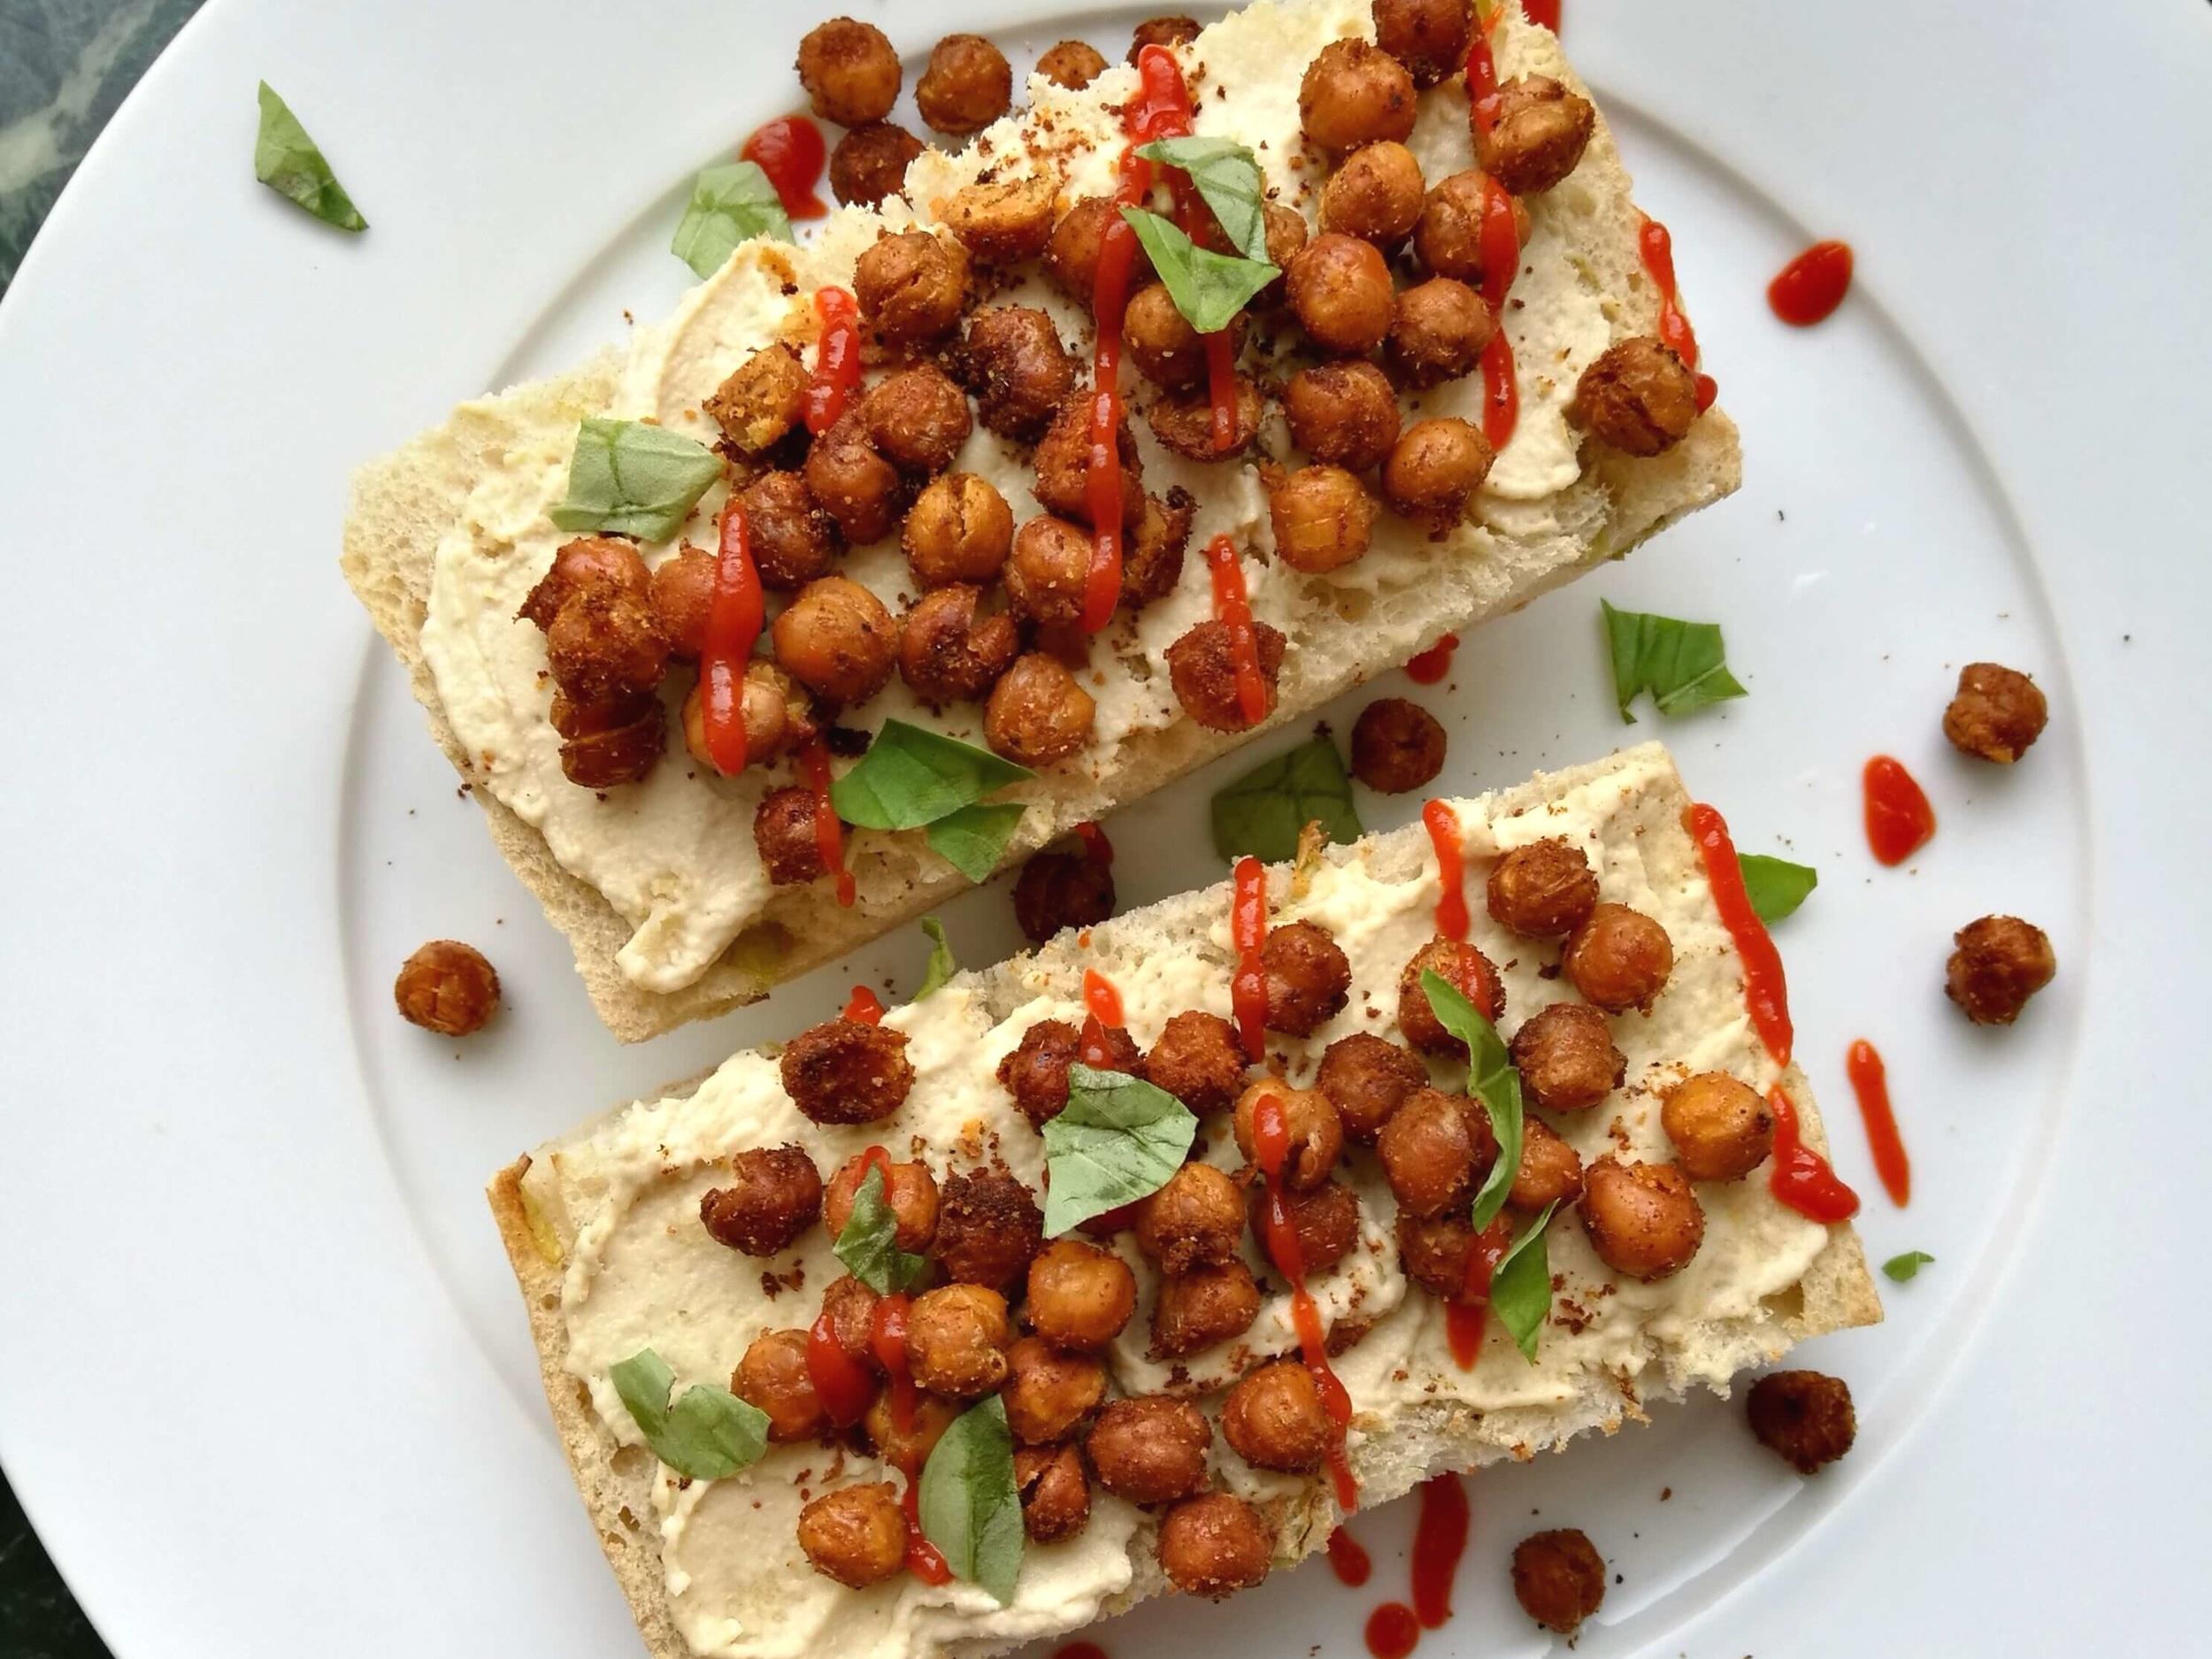 Crispy roasted chickpeas on toast with hummus, sriracha and fresh basil